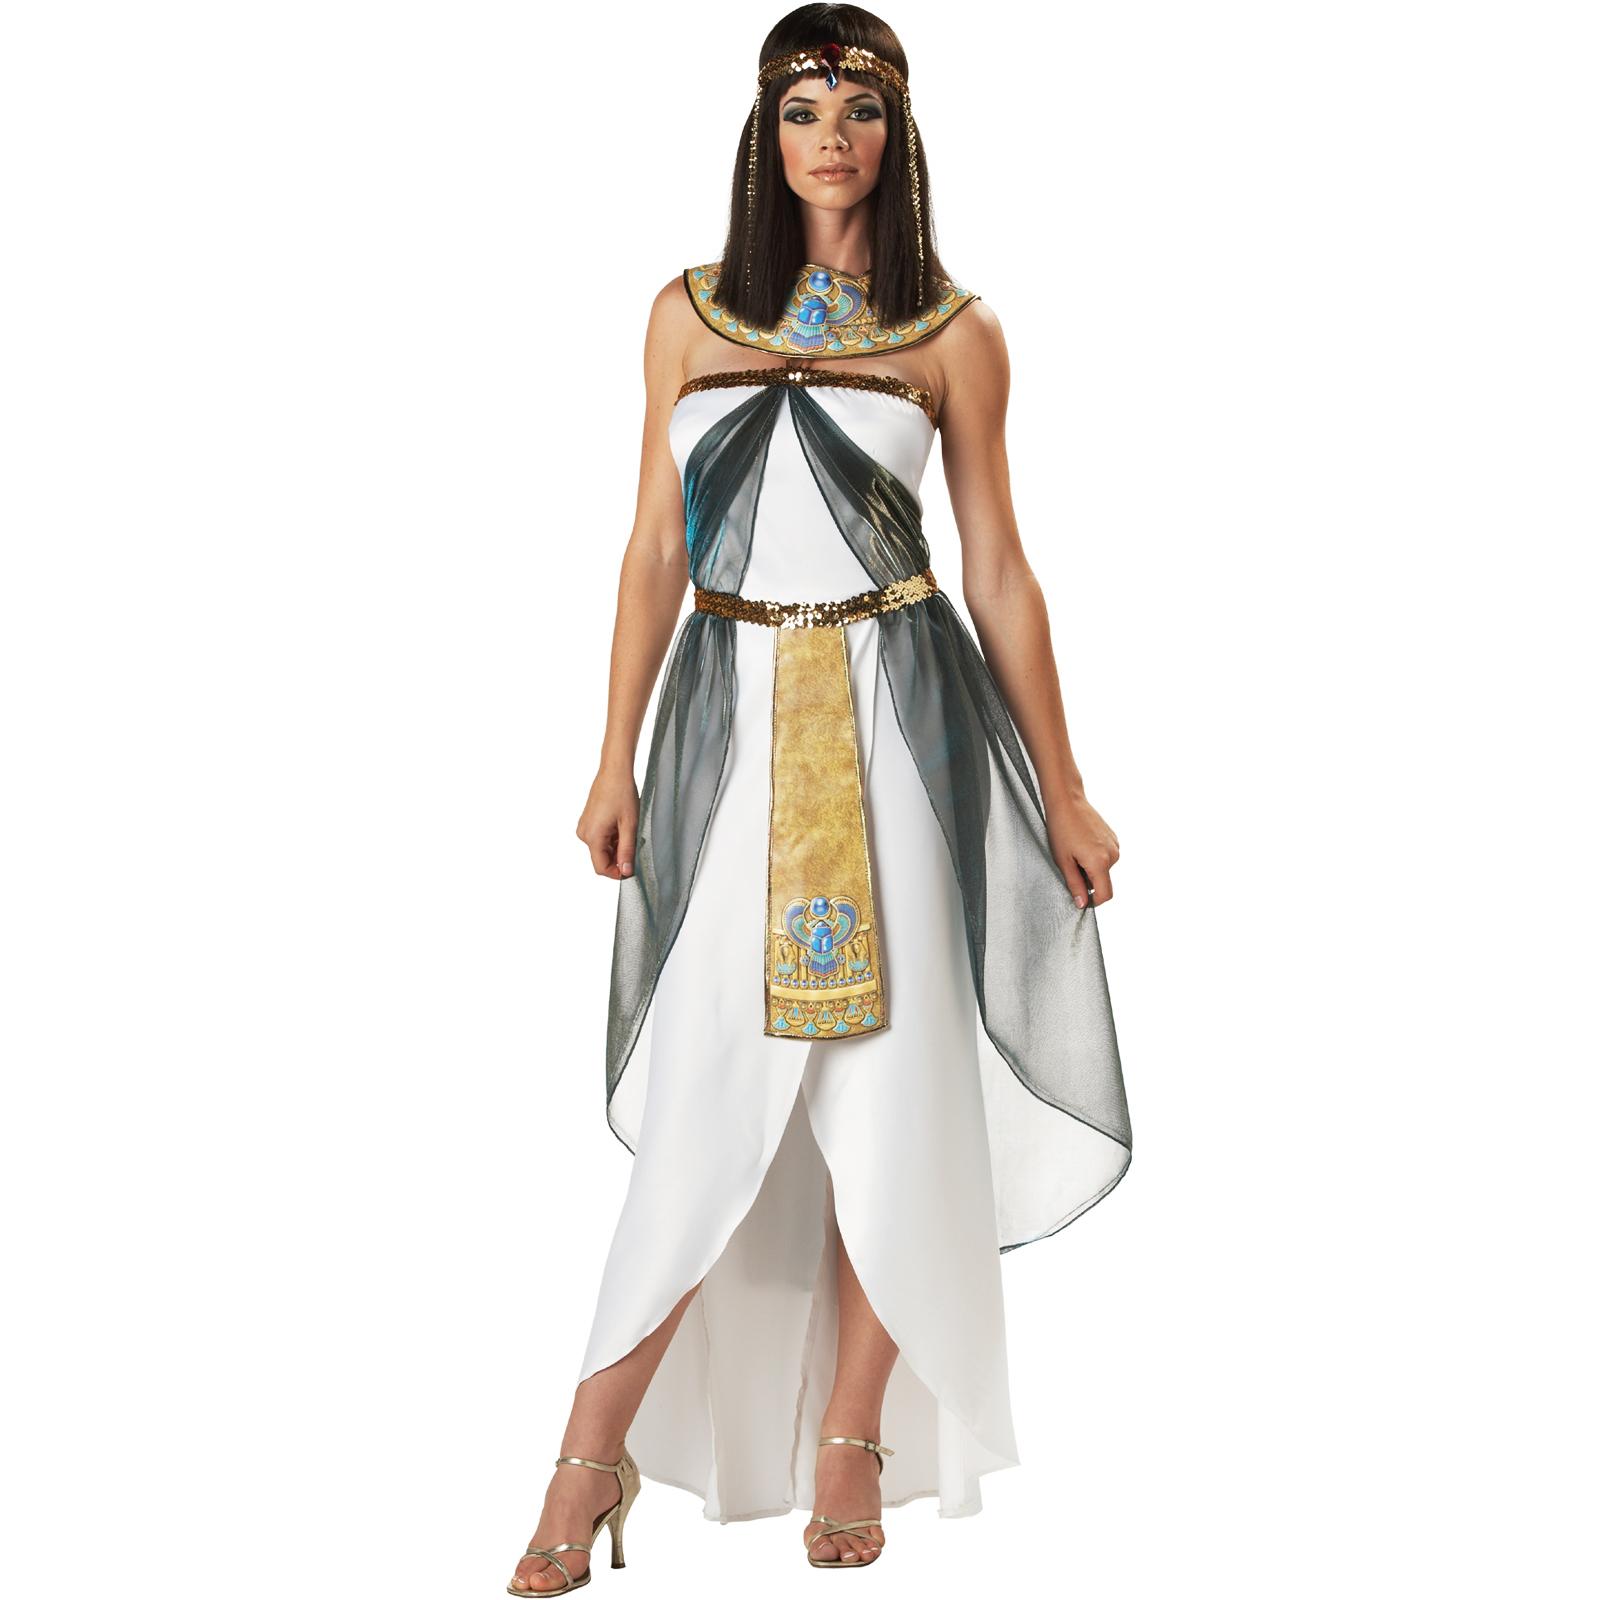 Egyptian Queen Halloween Costume